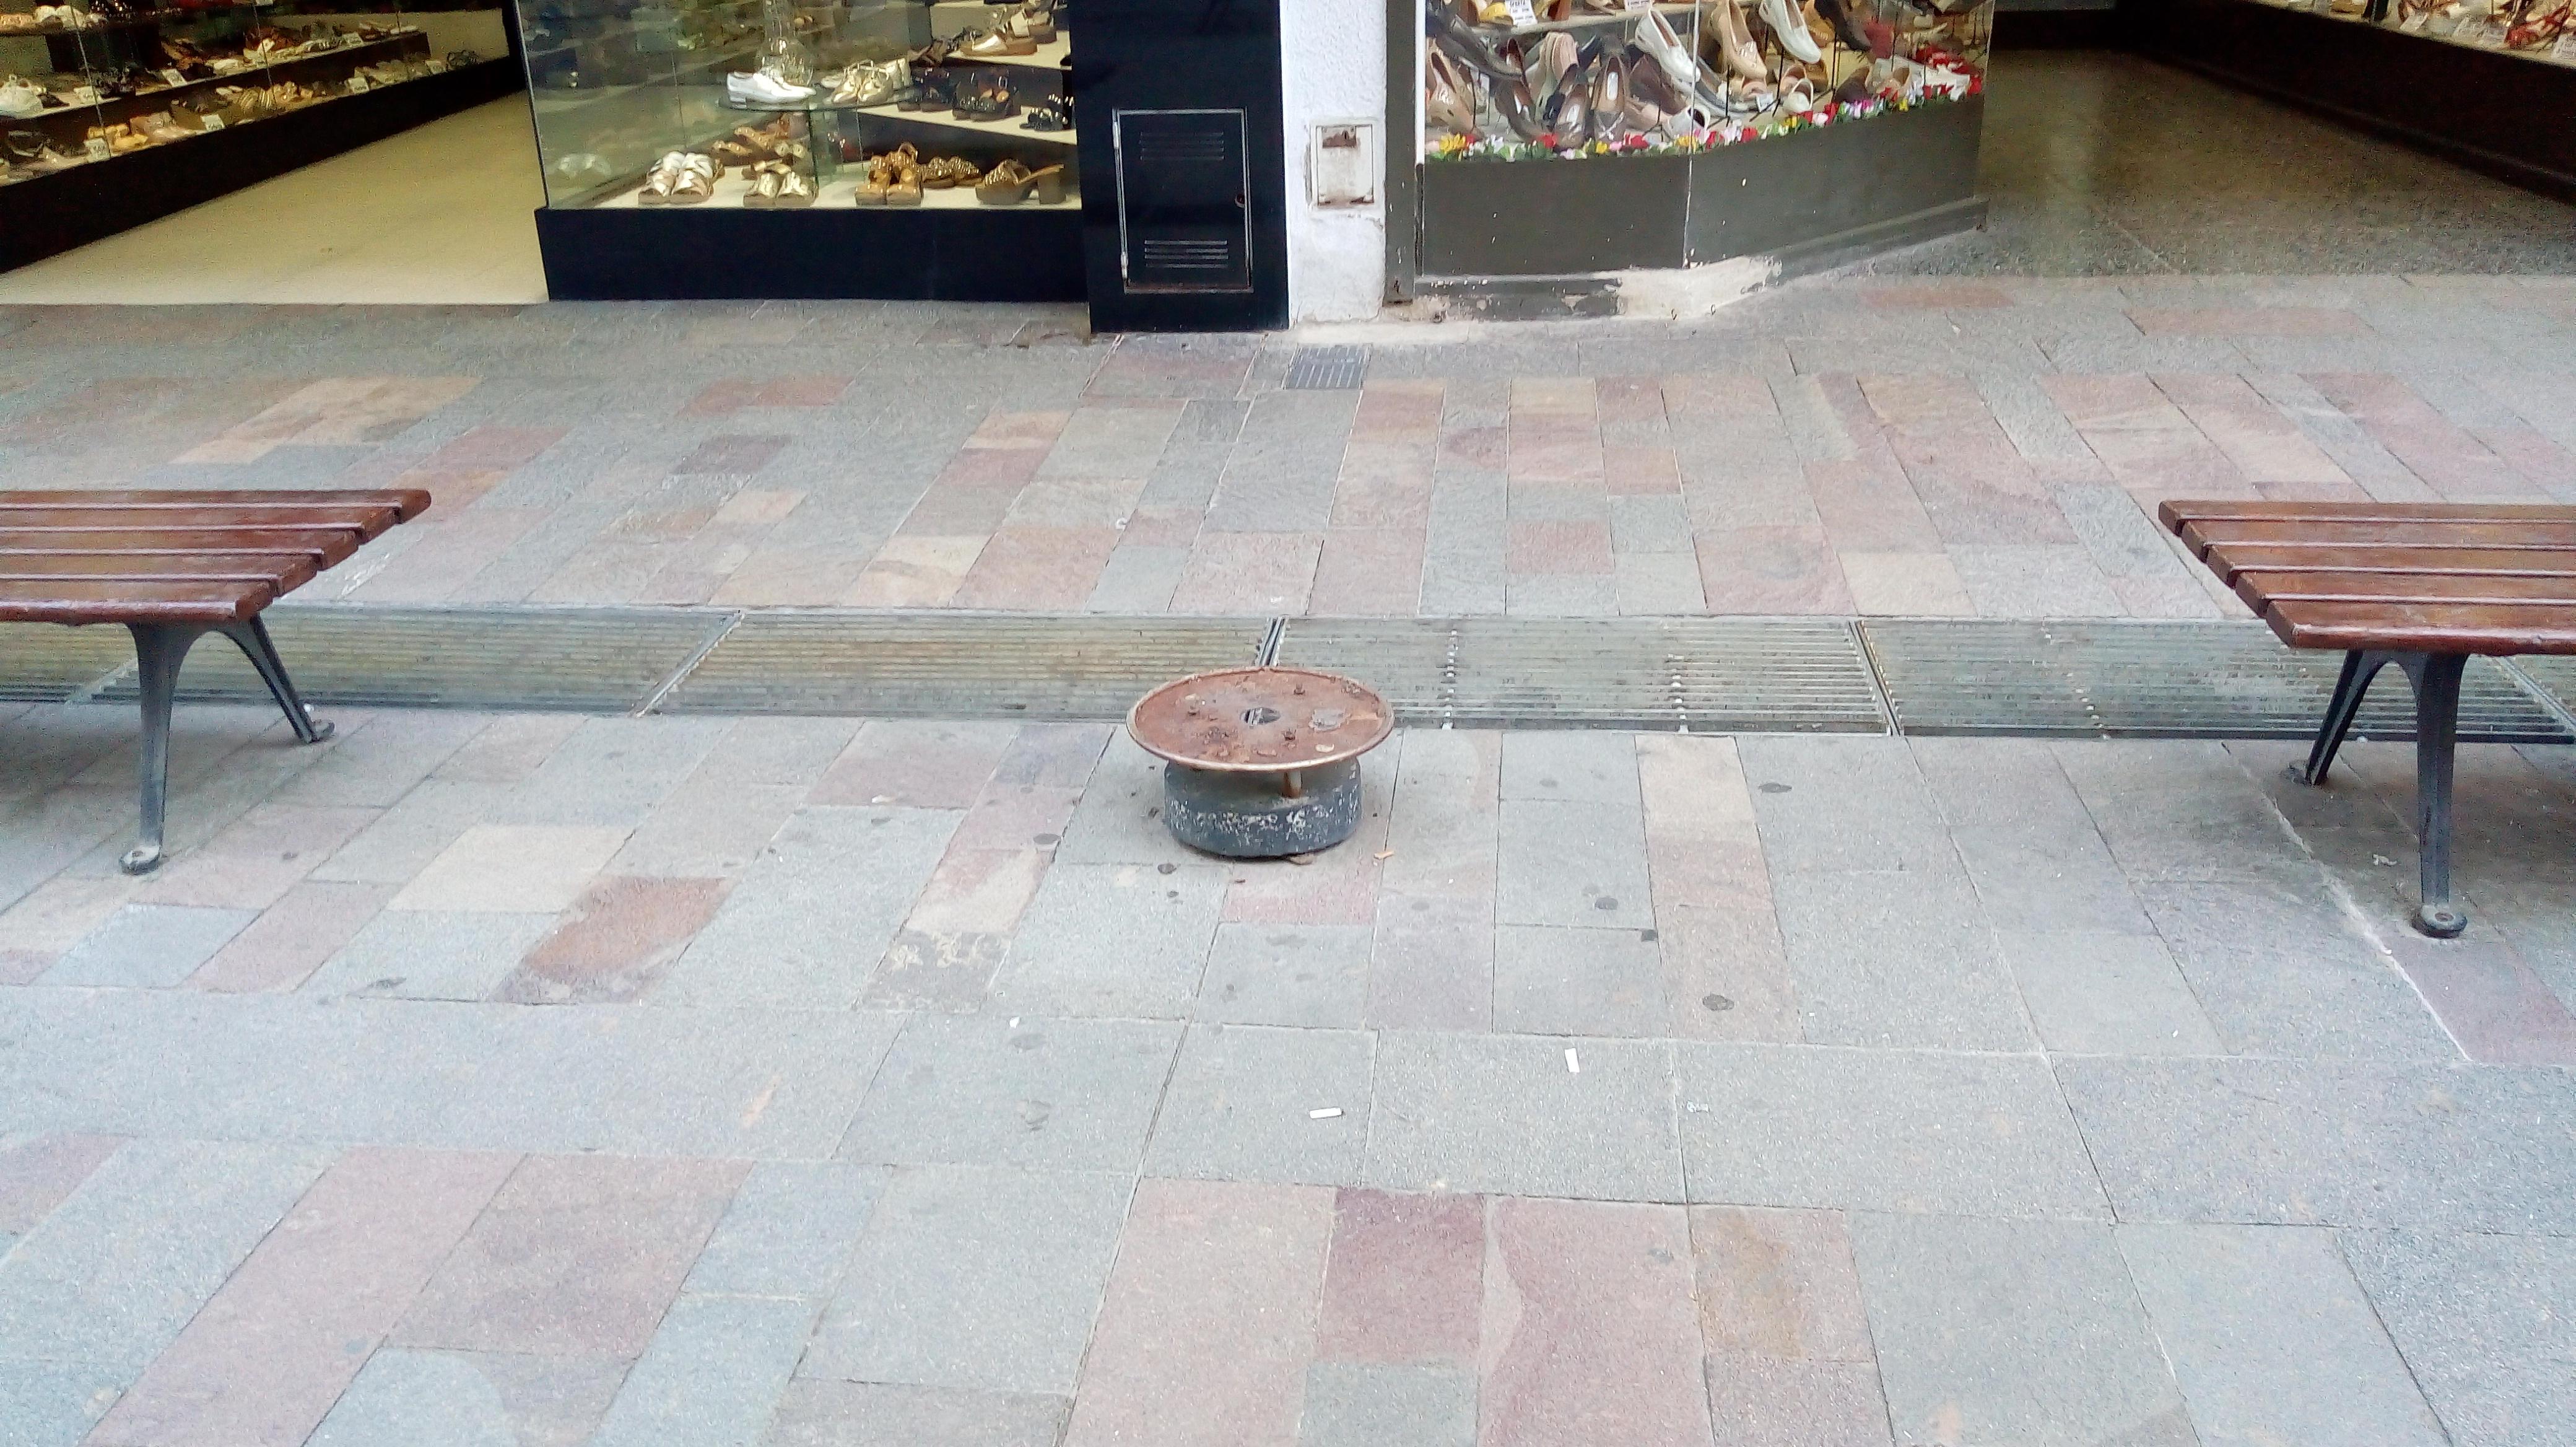 En las últimas semanas retiraron los tachos de basuras de la peatonal. Quienes deseen desechar algún residuo no podrán hacerlos si caminan por el centro de la ciudad. Ahora los papeles van al piso o lo tendrán que llevar hasta los hogares.